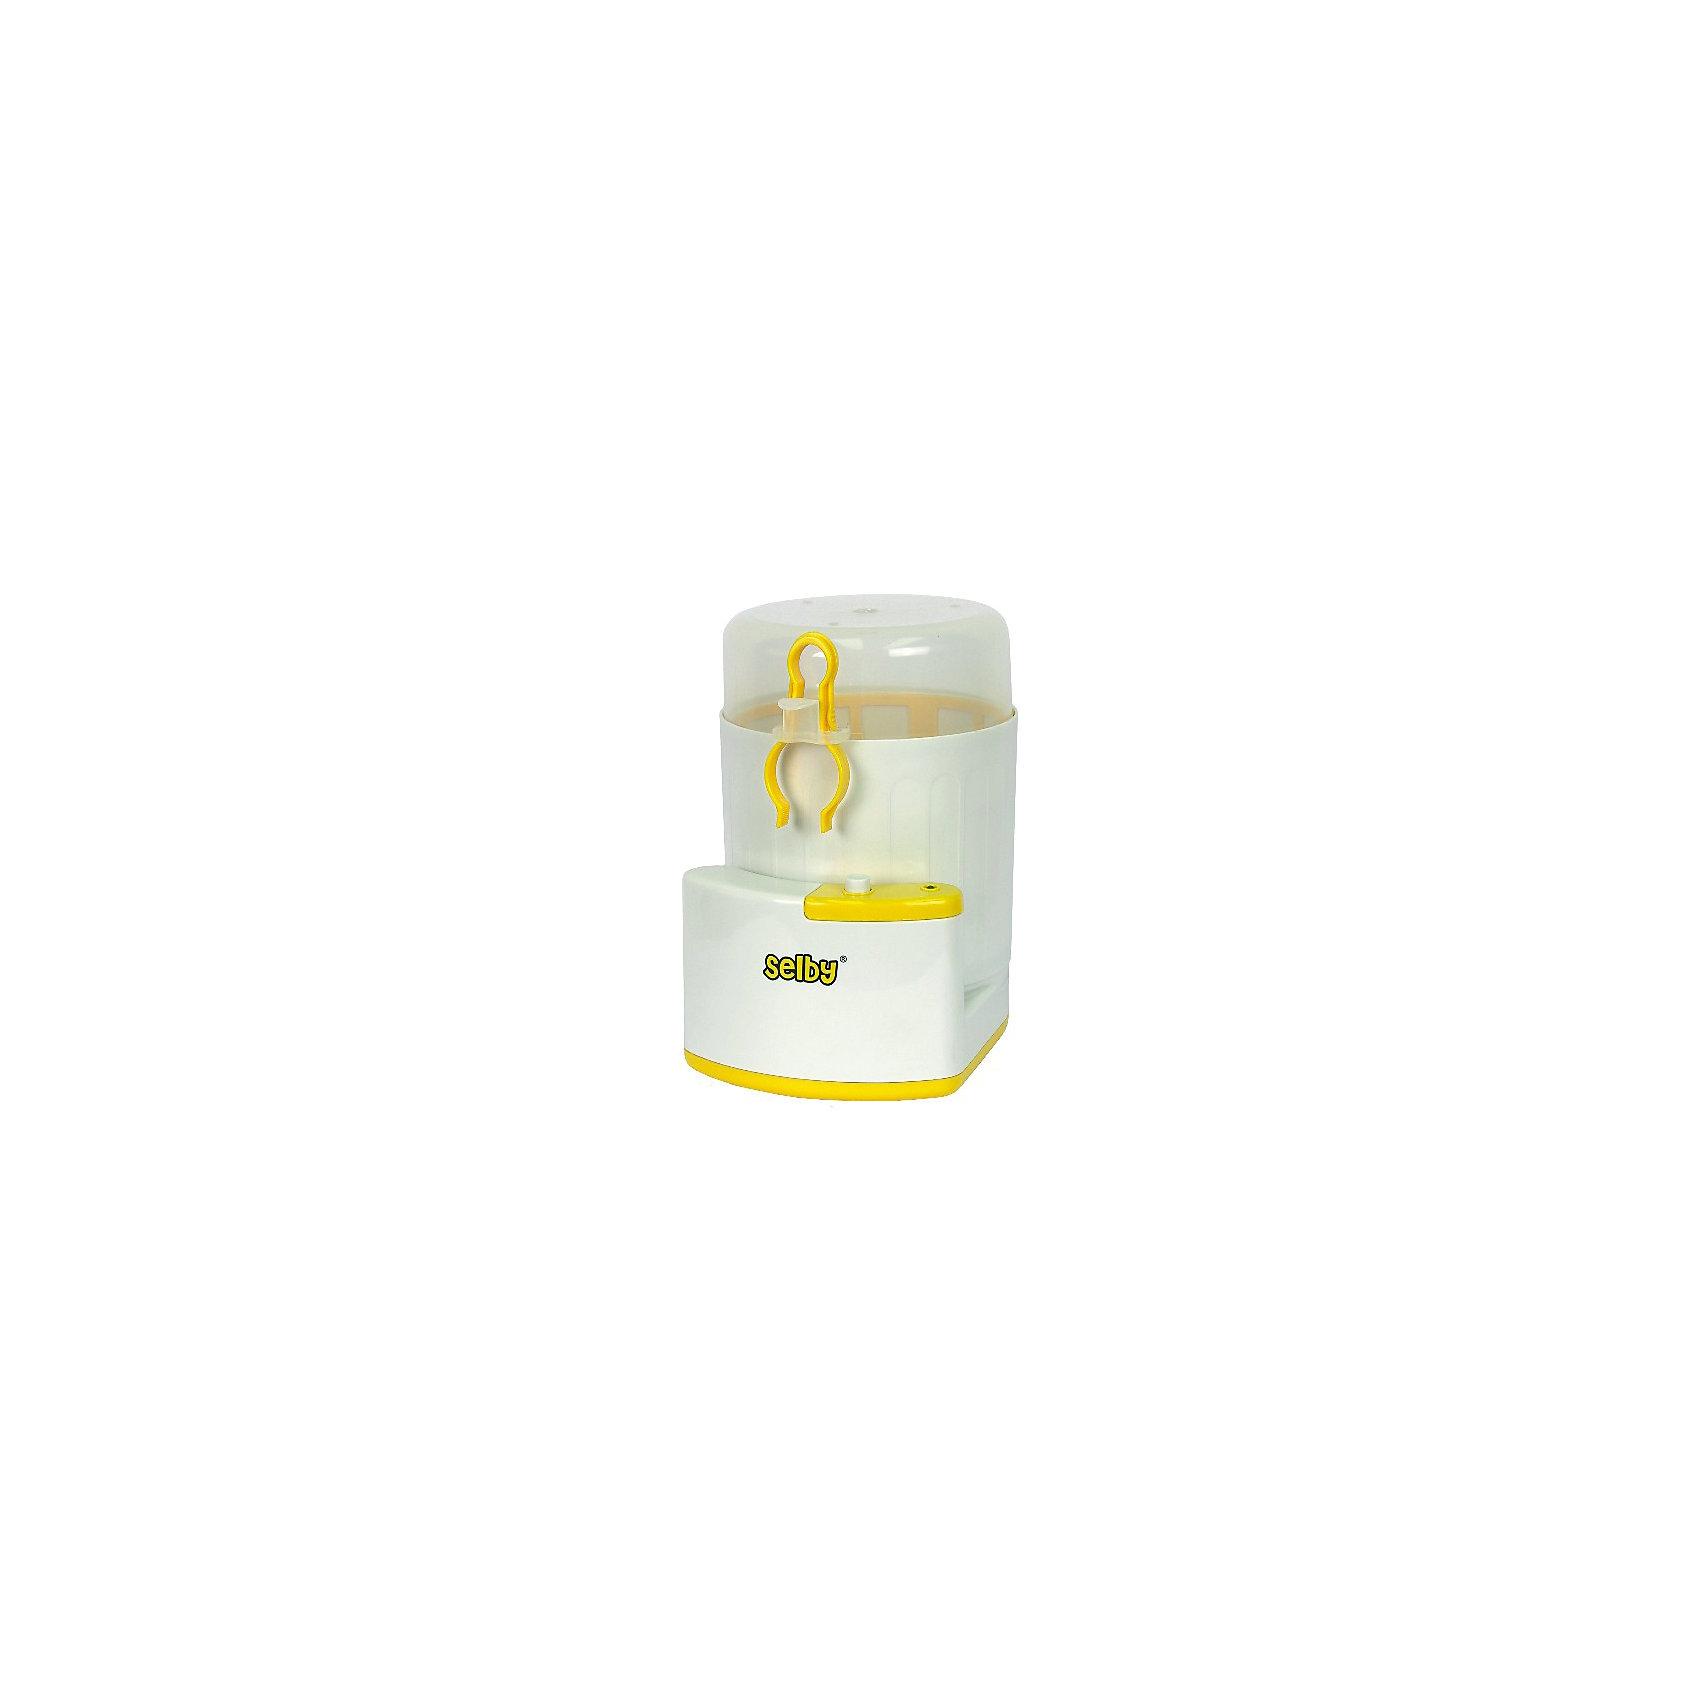 Стерилизатор детских бутылочек BS-03 SelbyДетская бытовая техника<br>Стерилизатор преобразует воду в пар, который убивает болезнетворные микробы, бактерии и вирусы, обеспечивая безопасную дезинфекцию. Подходит для бутылочек всех типов, сосок, пустышек и других принадлежностей. Может использоваться в качестве емкости для перевозки стерильных бутылочек и сосок. <br><br>Дополнительная информация:<br><br>- Материал: пластик.<br>- Размер: 15,5 х 24 х 19 см.<br>- Вес: 0,53 гр.<br>- Одновременная стерилизация 3 бутылочек.<br>- Функция автоматического отключения.<br>- Защита от перегрева.<br>- Нагревательный элемент из нержавеющей стали.<br>- Работает от сети. <br><br>Стерилизатор детских бутылочек BS-03 Selby можно купить в нашем магазине.<br><br>Ширина мм: 155<br>Глубина мм: 240<br>Высота мм: 190<br>Вес г: 1100<br>Возраст от месяцев: 0<br>Возраст до месяцев: 36<br>Пол: Унисекс<br>Возраст: Детский<br>SKU: 4067748